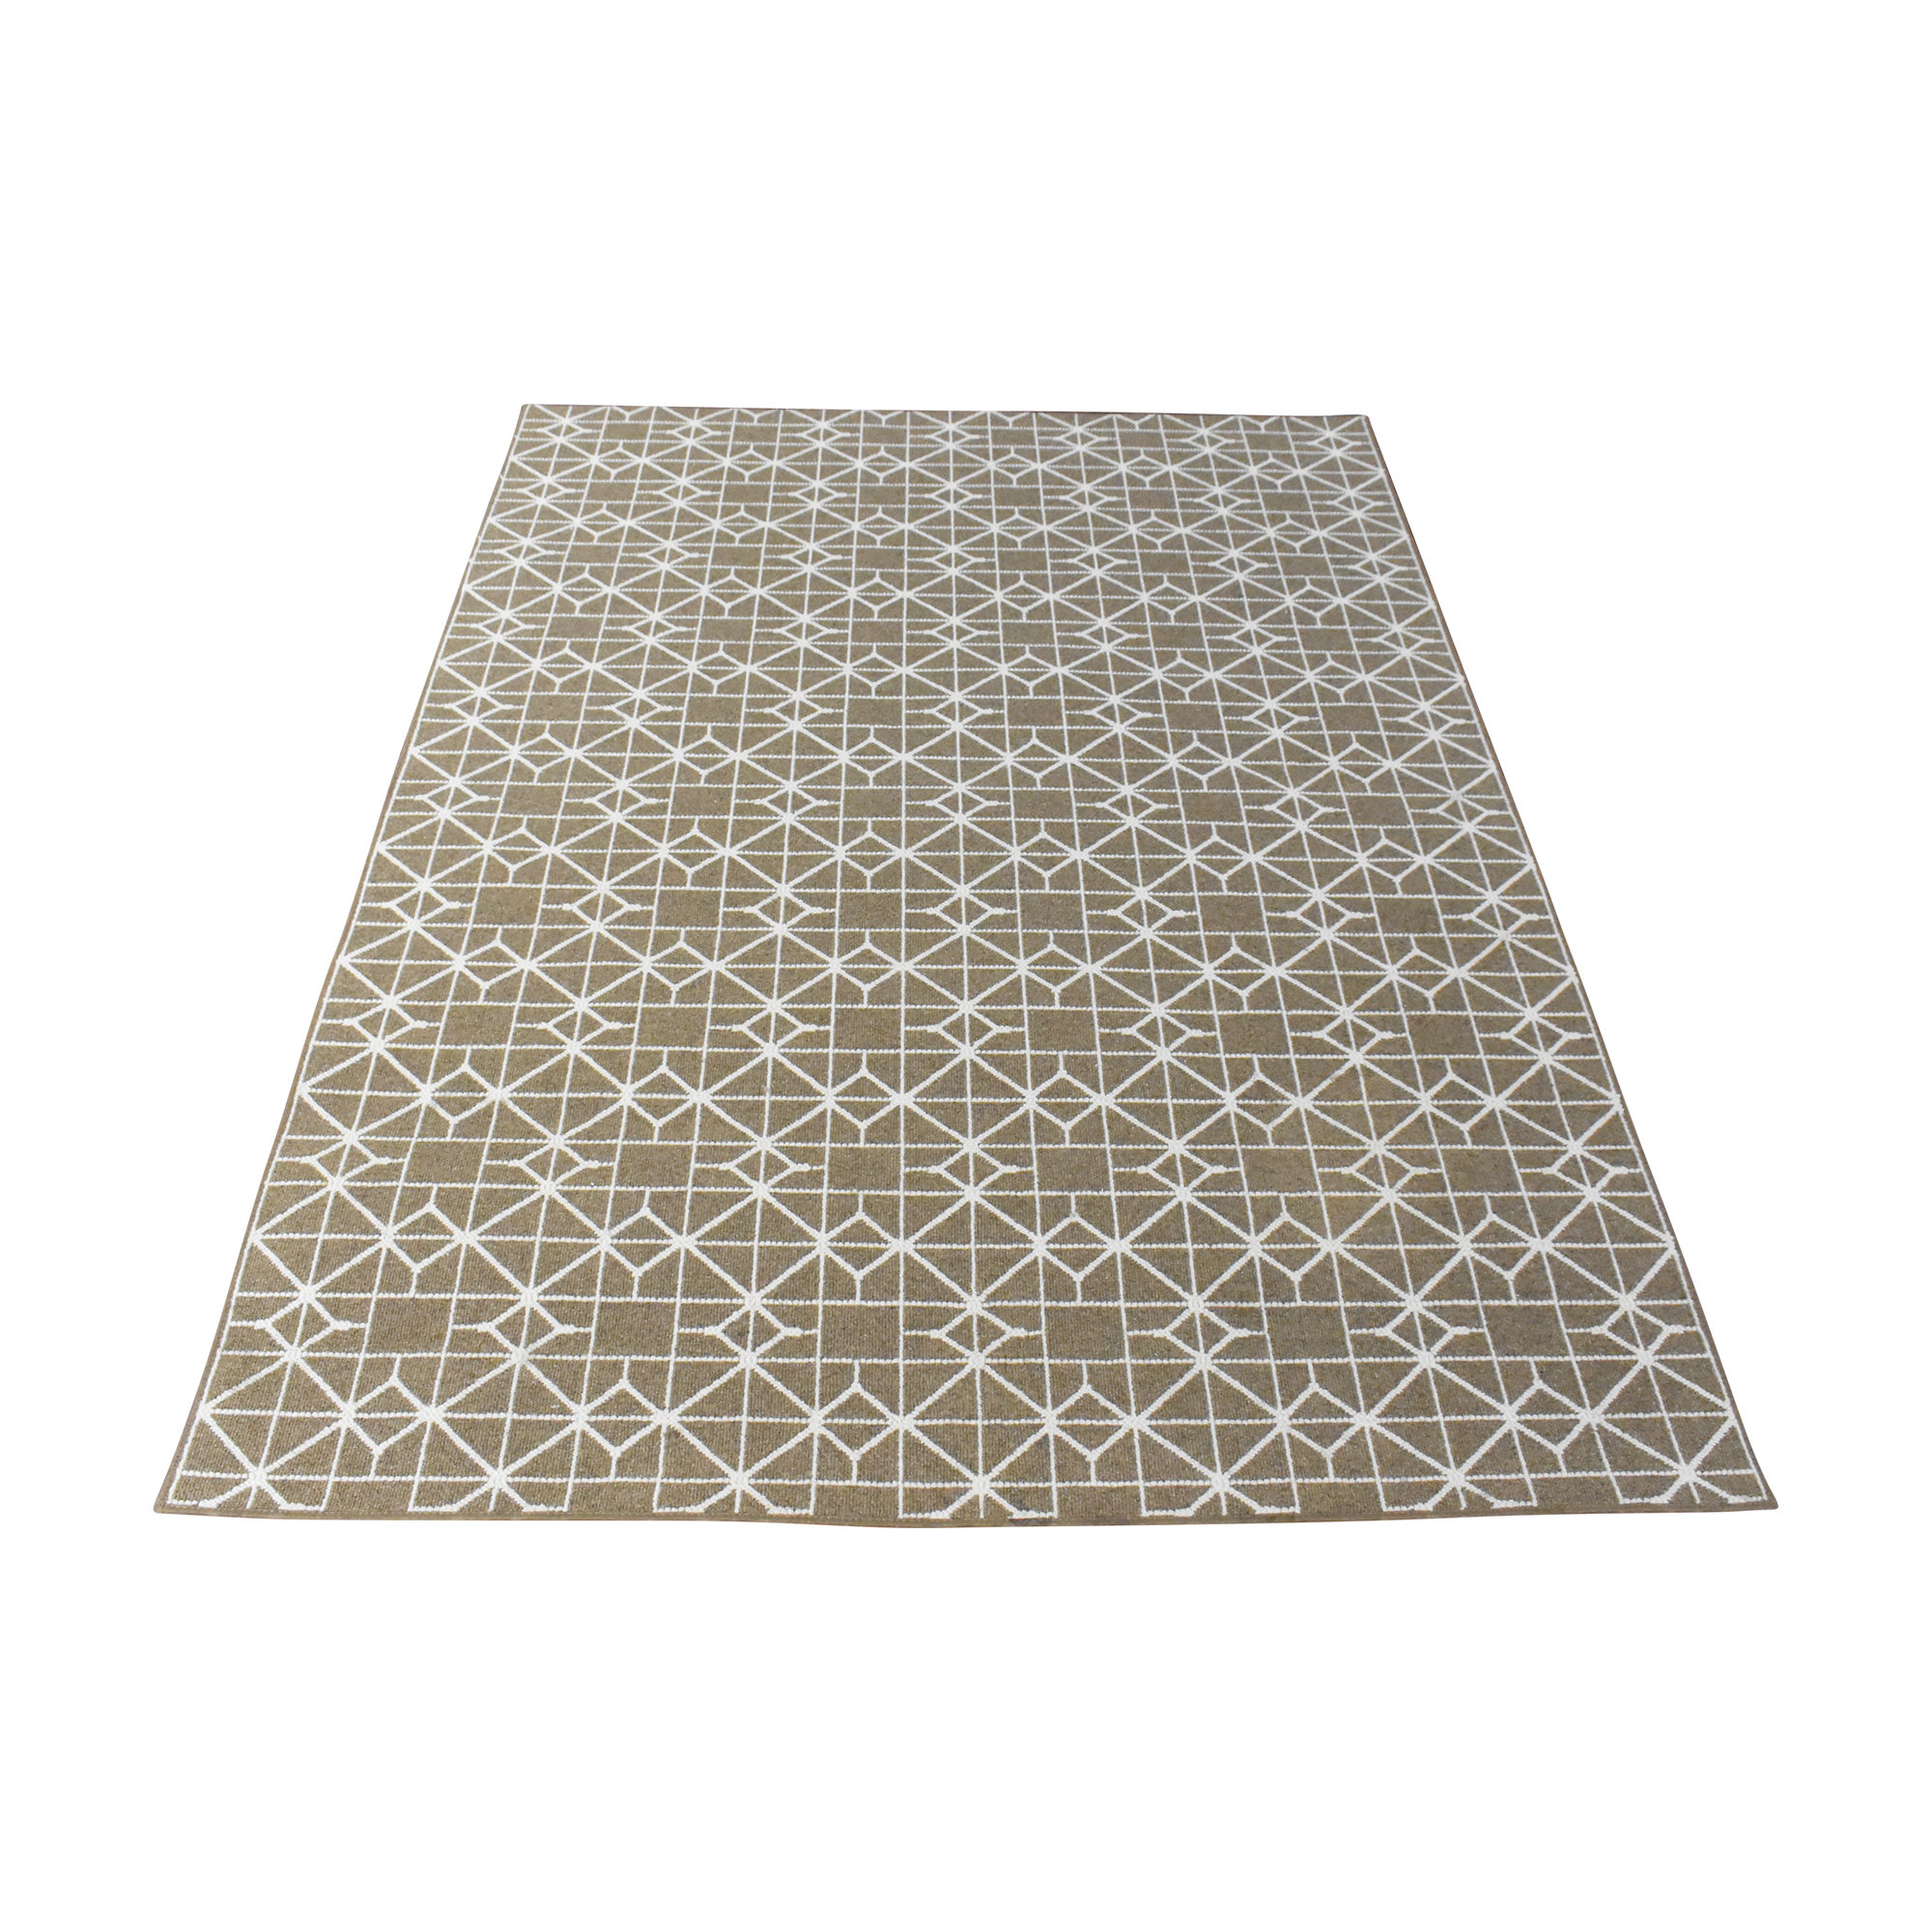 Geometric Modern Area Rug used